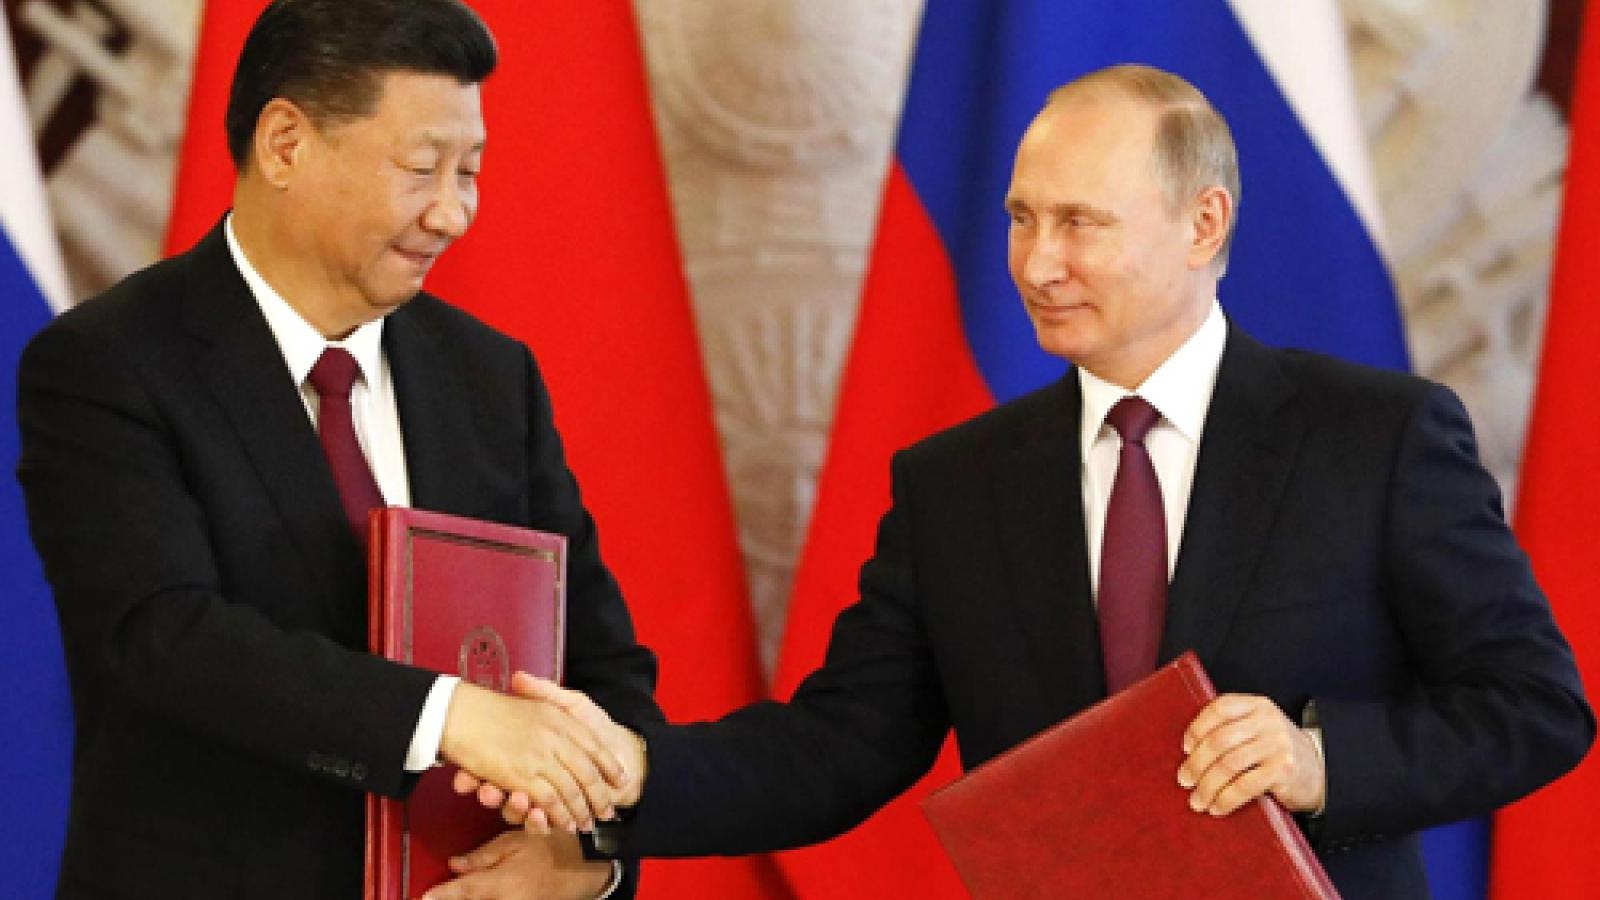 Tổng thống Nga Putin nuôi ý tưởng thành lập liên minh quân sự với Trung Quốc?